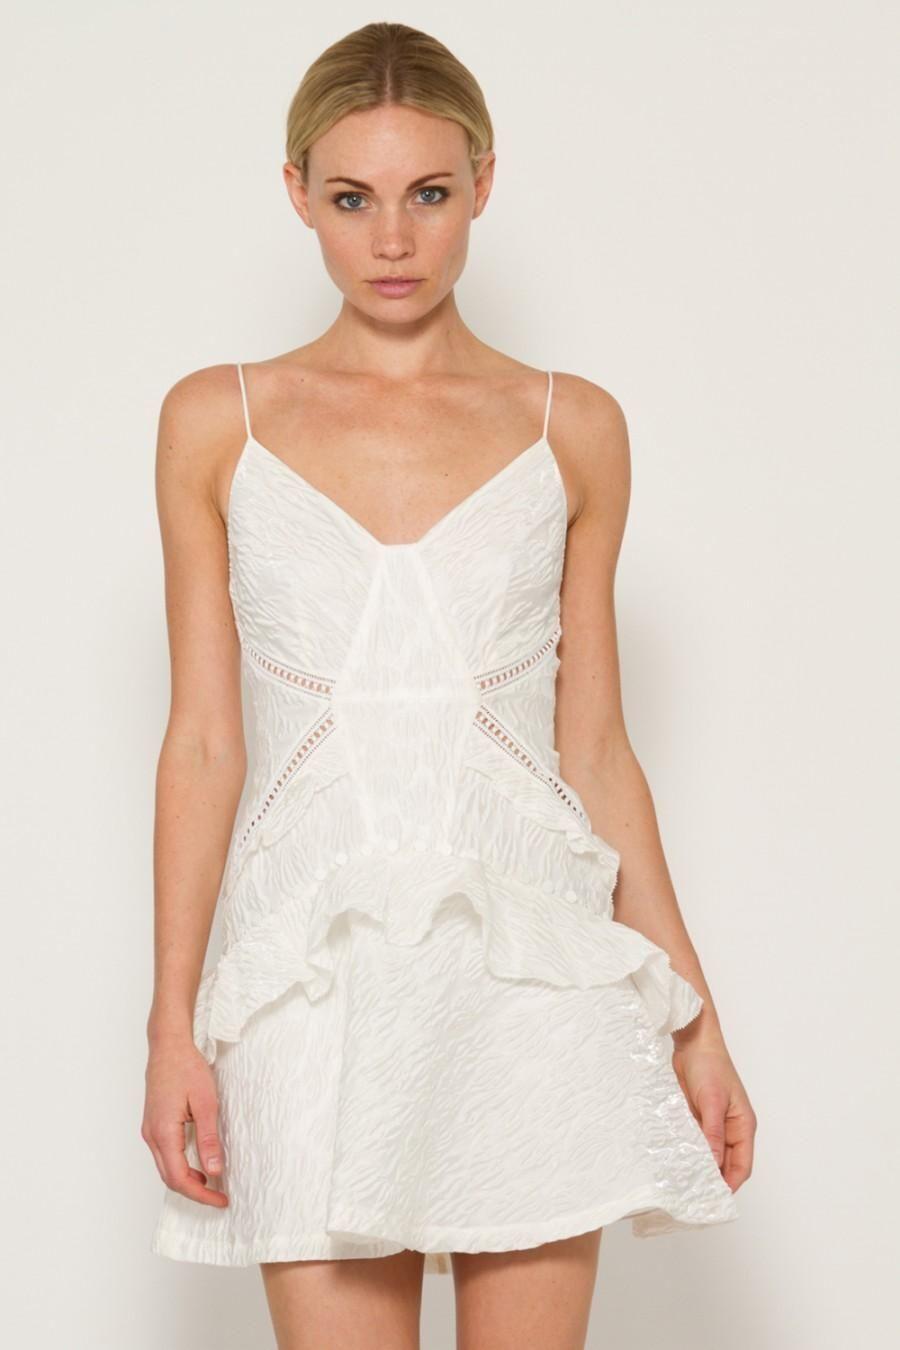 Mini Vestido blancoo Jacquard autorretrato  auténtico 2 4 nos Nuevo Con Etiquetas  425  costo real